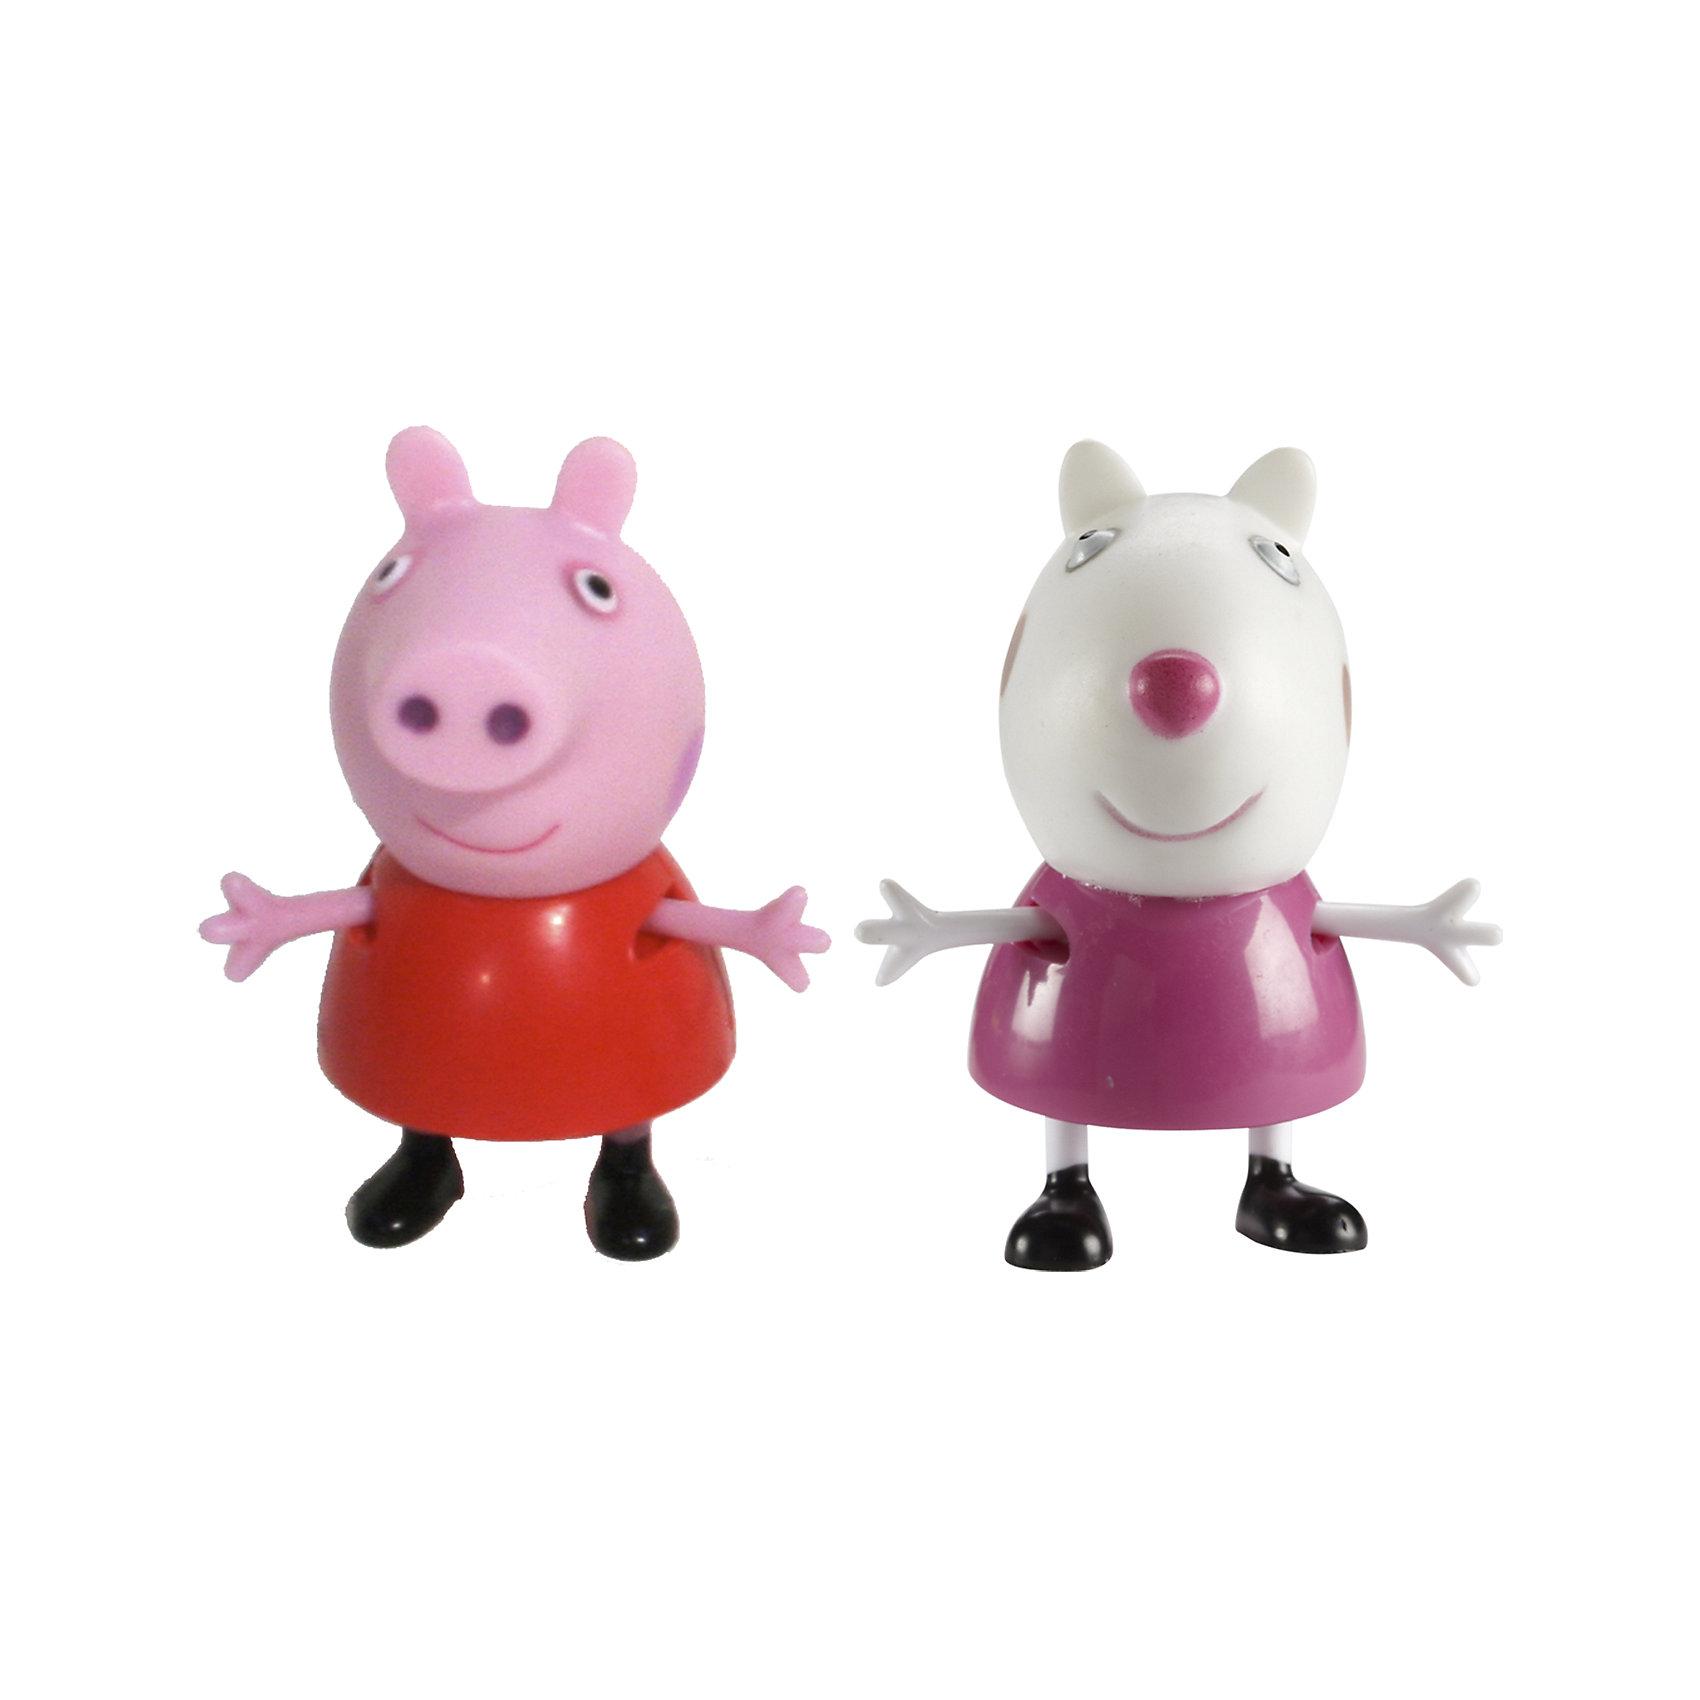 Игровой набор Пеппа и Сьюзи, Свинка ПеппаДобро пожаловать в мир Свинки Пеппы! С забавными игрушками из серии «Peppa Pig» веселые мультфильмы оживут прямо у вас дома, а малыши станут участниками увлекательных приключений Пеппы и ее друзей. В наборе Пеппа и Сьюзи 2 фигурки, которые могут сидеть, стоять, двигать ручками и ножками. Игрушки выполнены из высококачественных экологичных материалов безопасных для детей. Собери всех героев известного мультсериала, проигрывай любимые сцены или придумывай свои новые истории! <br><br>Дополнительная информация:<br><br>- Материал: пластик.<br>- Руки, ноги фигурок подвижные. <br>- Размер фигурок: 5 см.<br><br>Игровой набор Пеппа и Сьюзи Свинка Пеппа, можно купить в нашем магазине.<br><br>Ширина мм: 140<br>Глубина мм: 50<br>Высота мм: 155<br>Вес г: 85<br>Возраст от месяцев: 36<br>Возраст до месяцев: 72<br>Пол: Унисекс<br>Возраст: Детский<br>SKU: 4261817